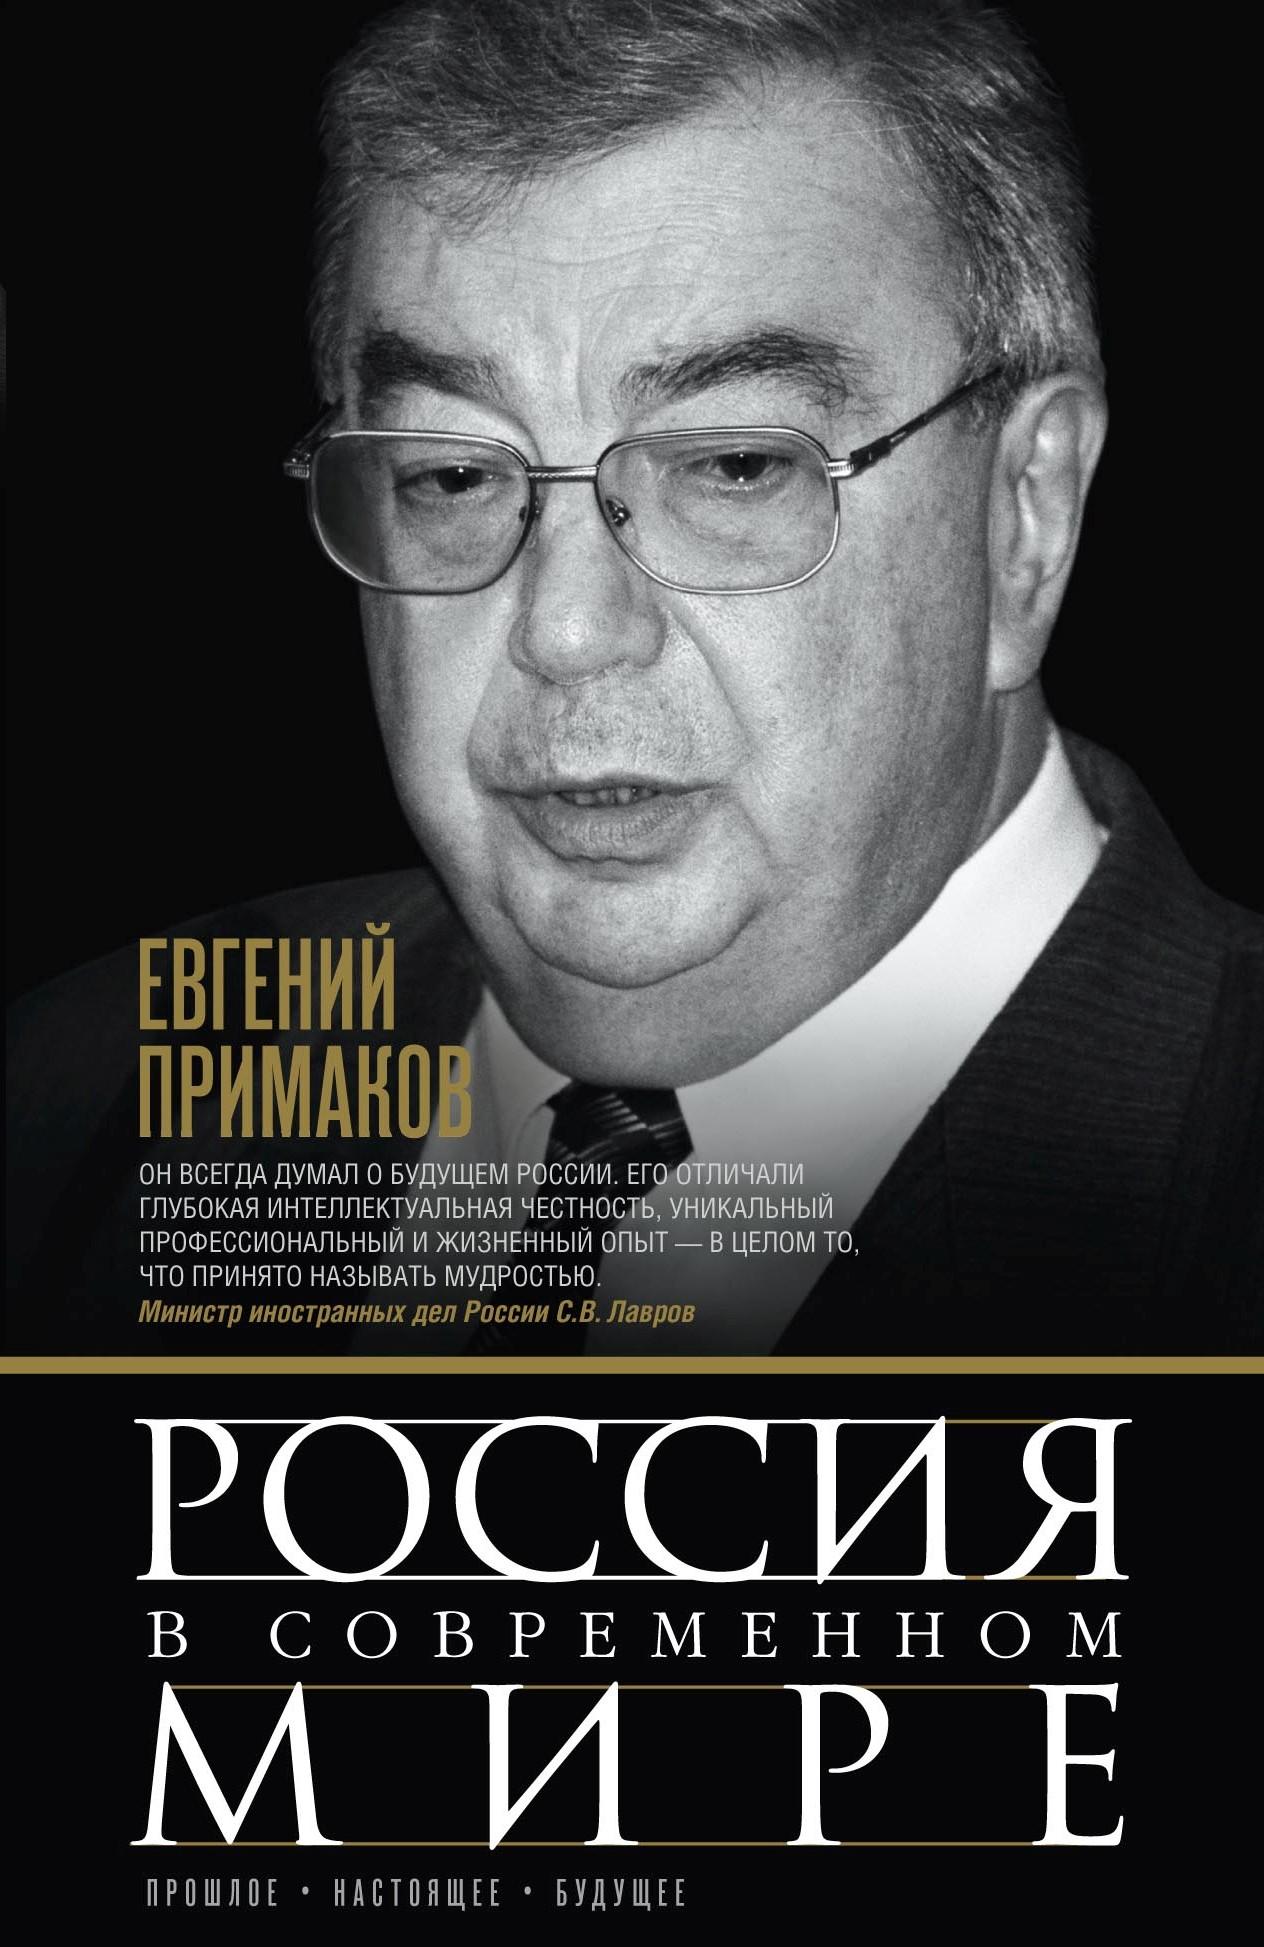 Евгений Примаков Россия в современном мире. Прошлое, настоящее, будущее (сборник) цена